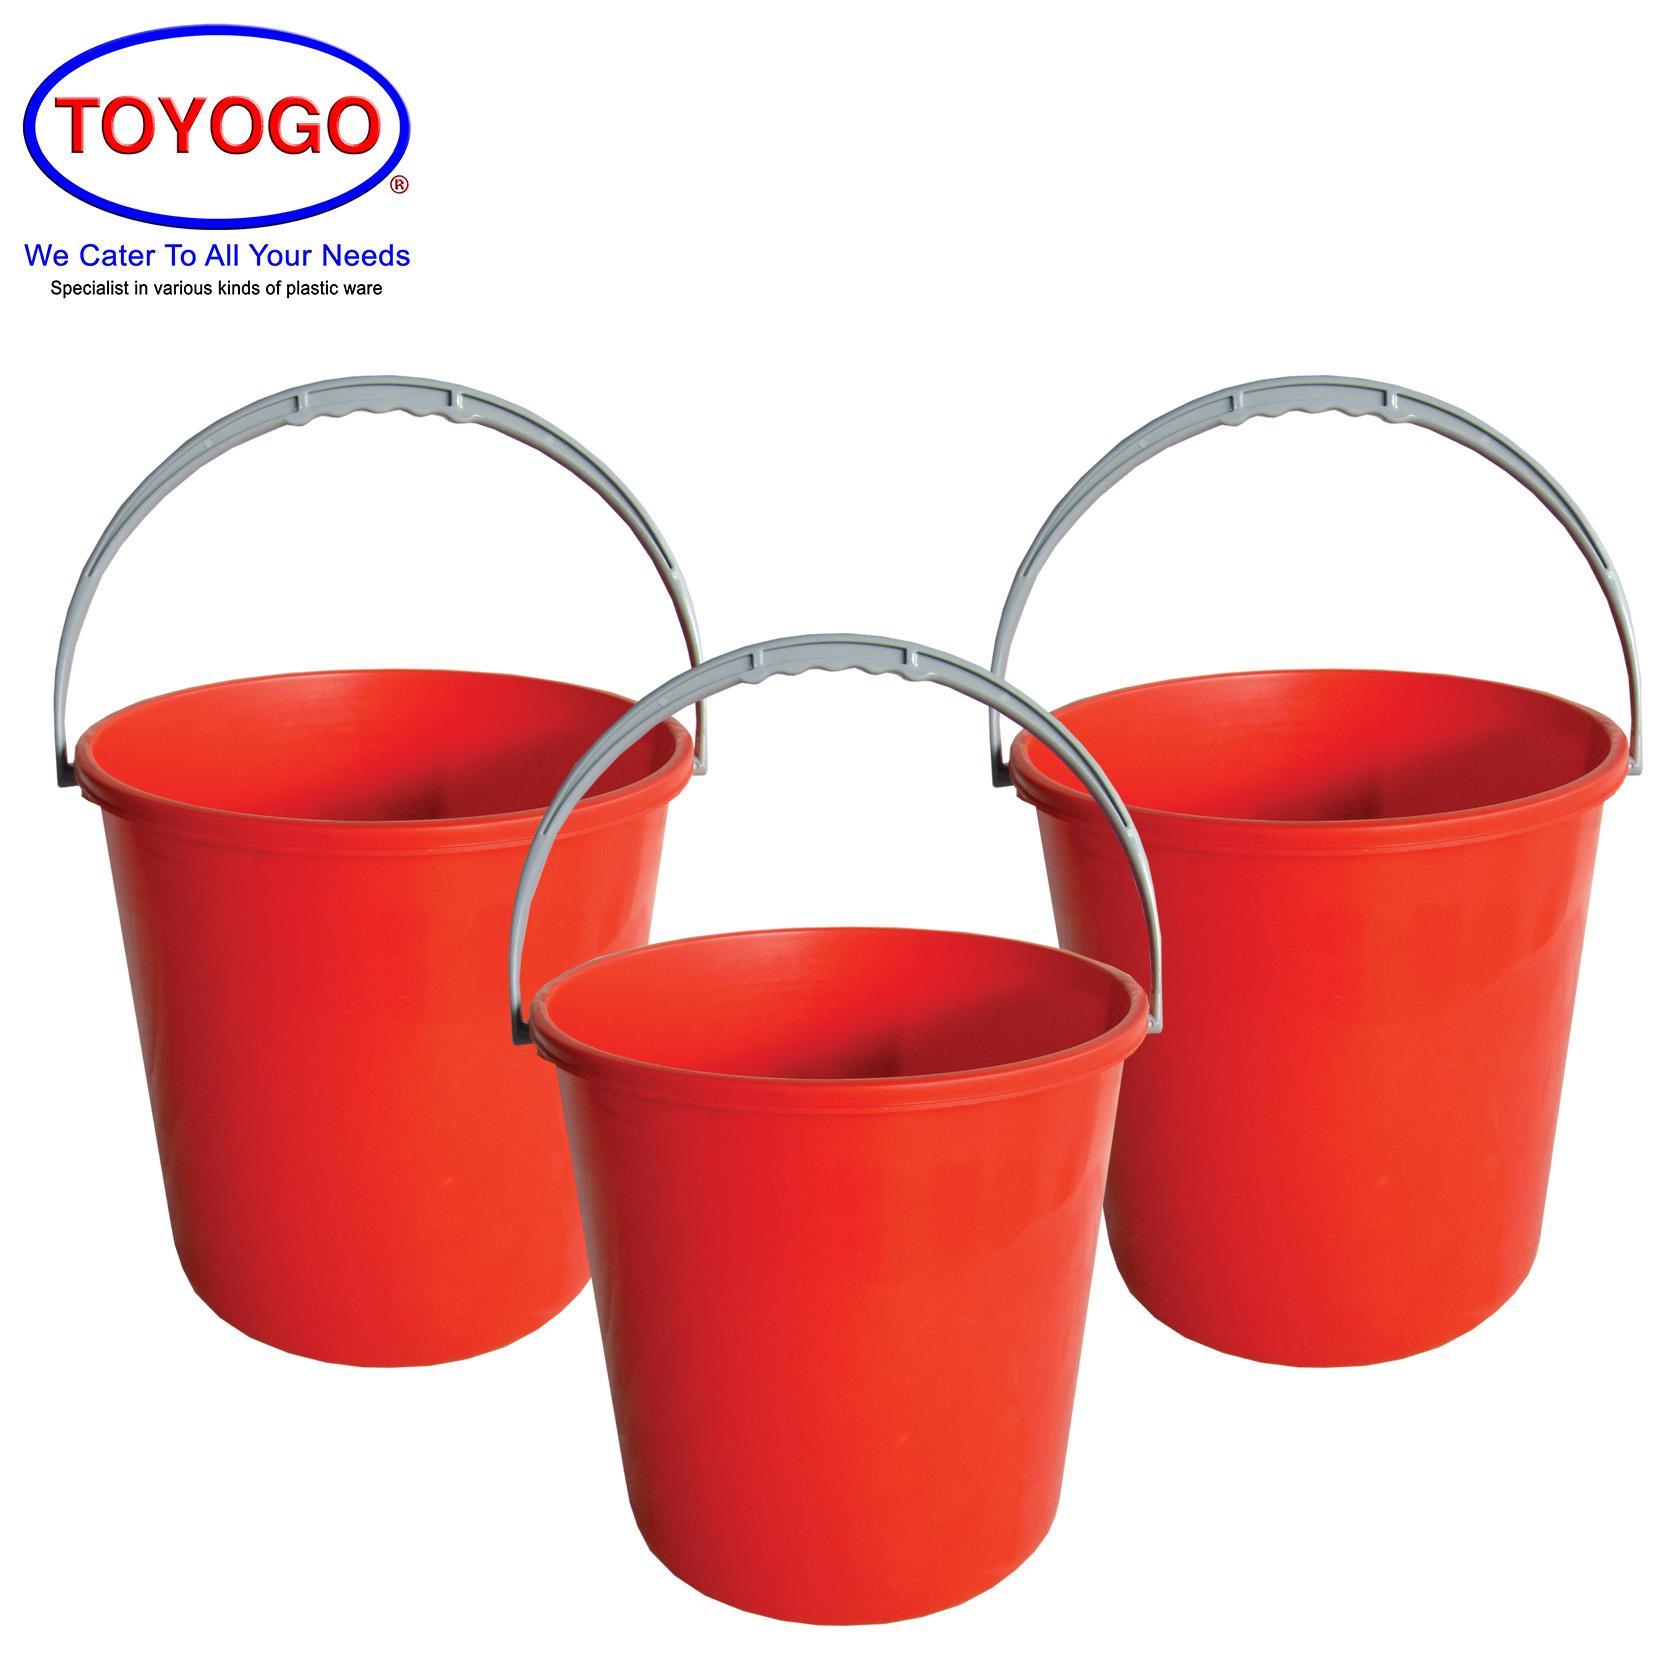 Toyogo 4 Gallon Plastic Pail (Bundle of 3) (4004)